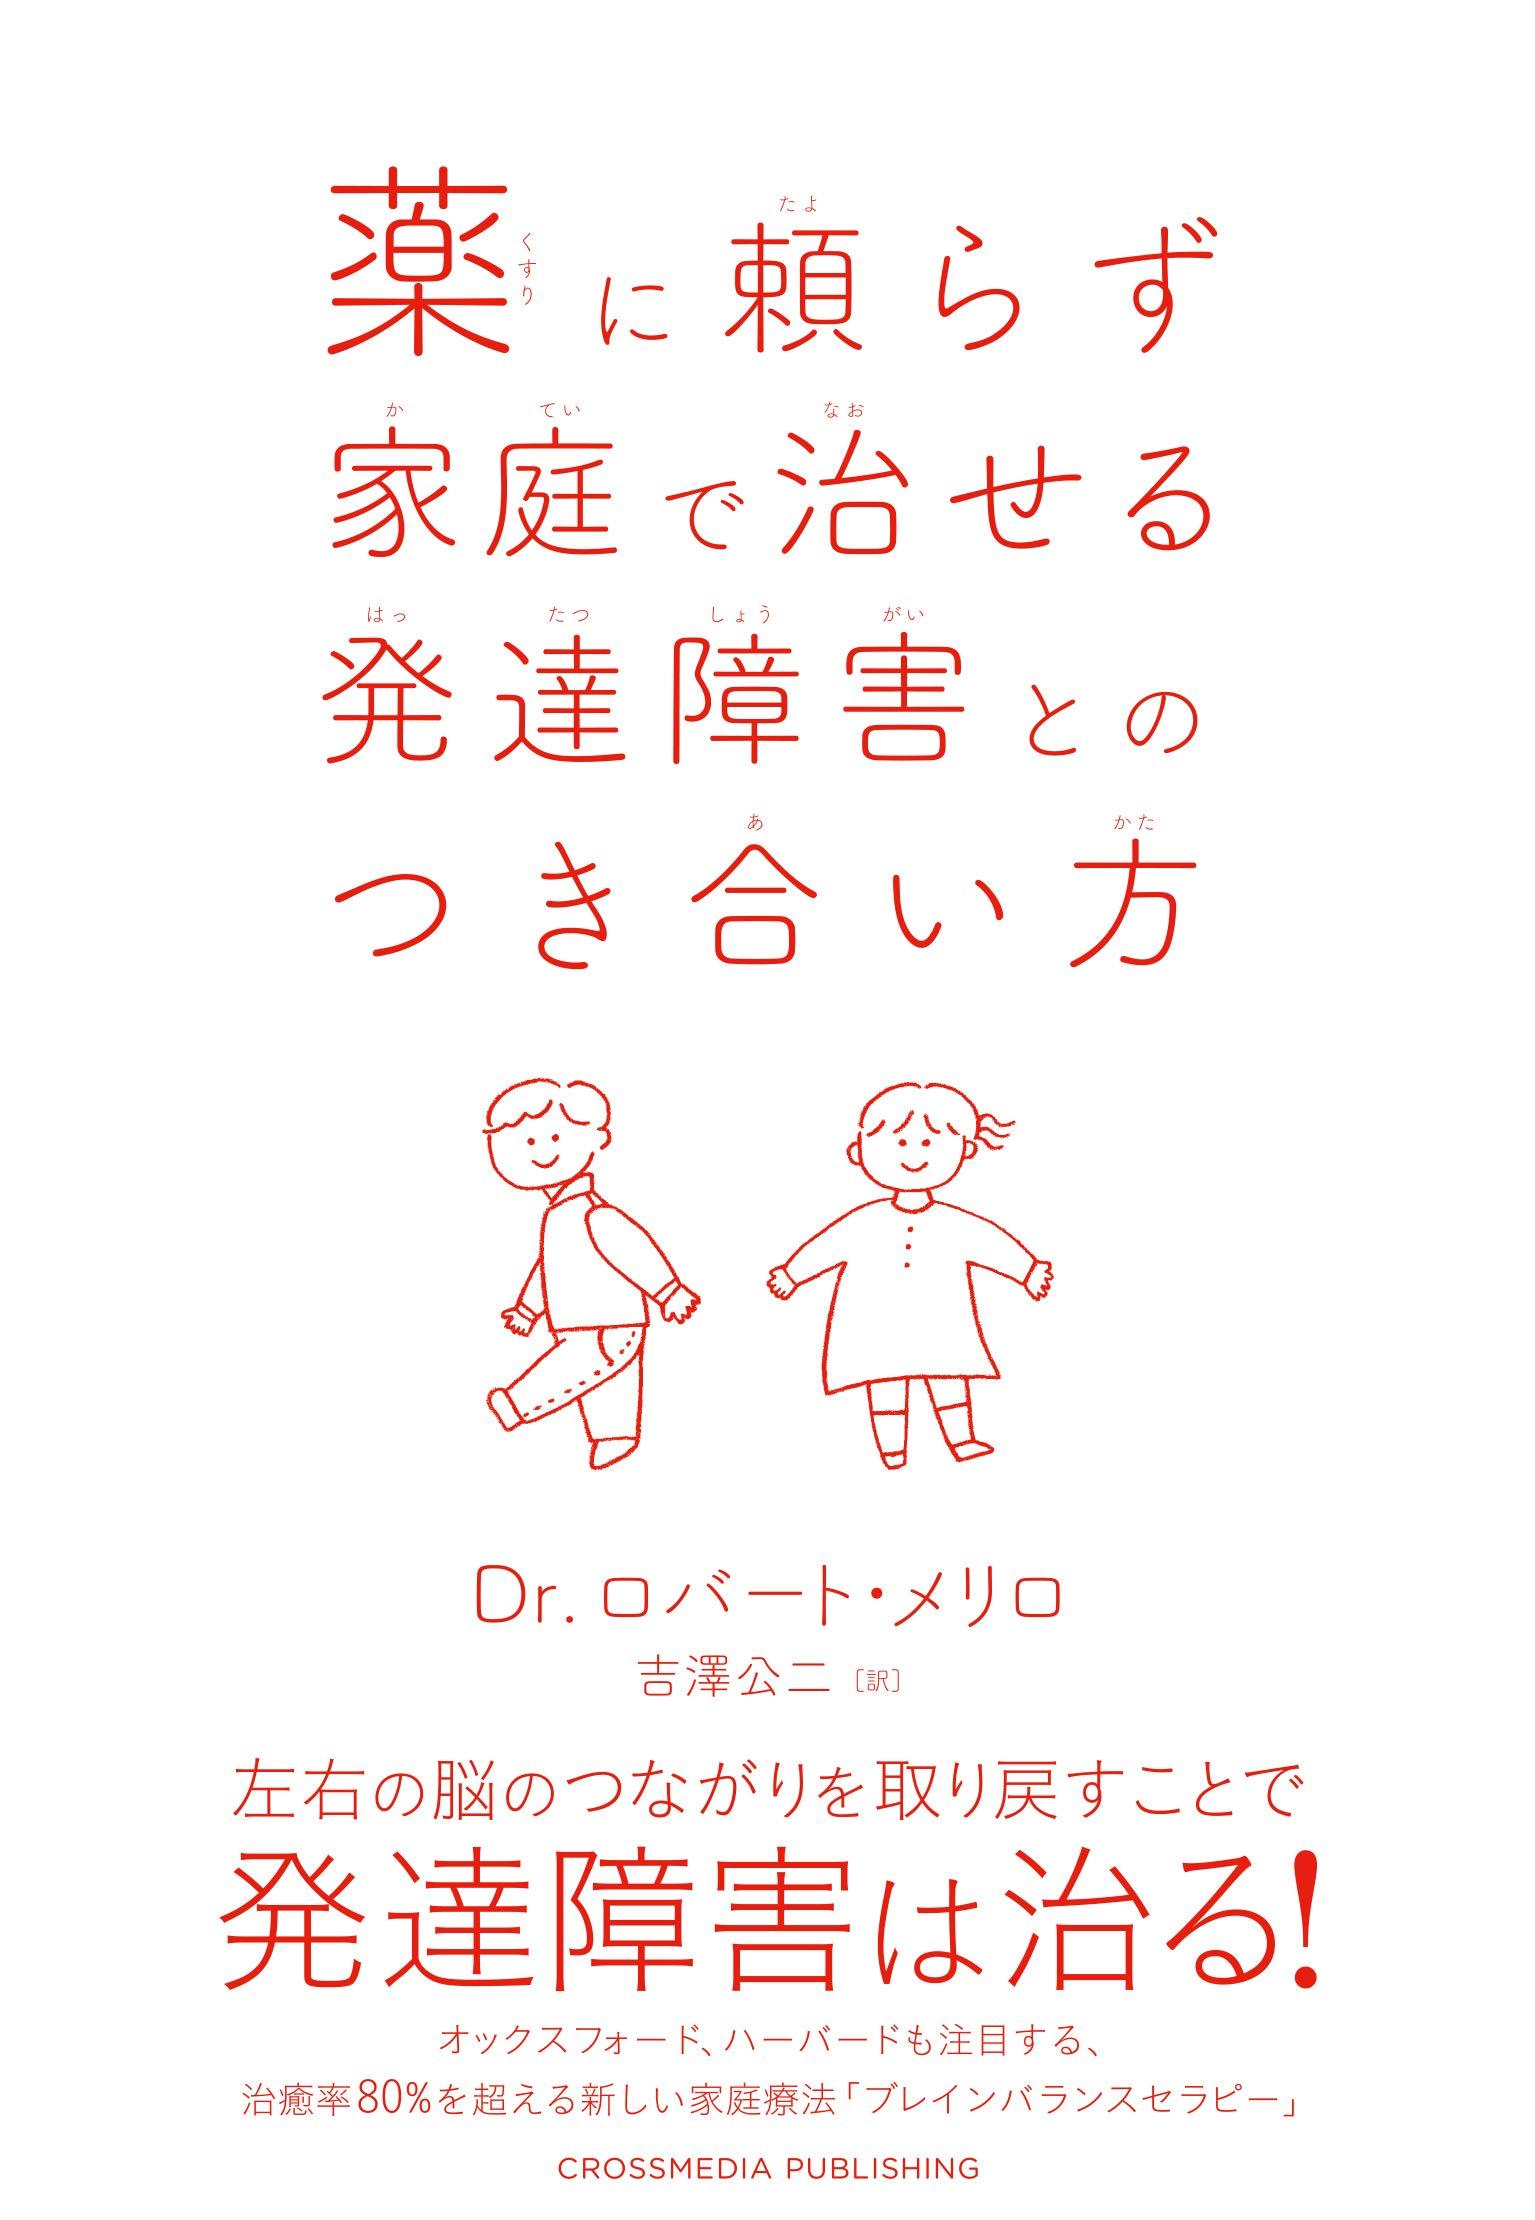 子ども 頼ら の に 方法 動 障害 薬 を なくす 多 ず 学習